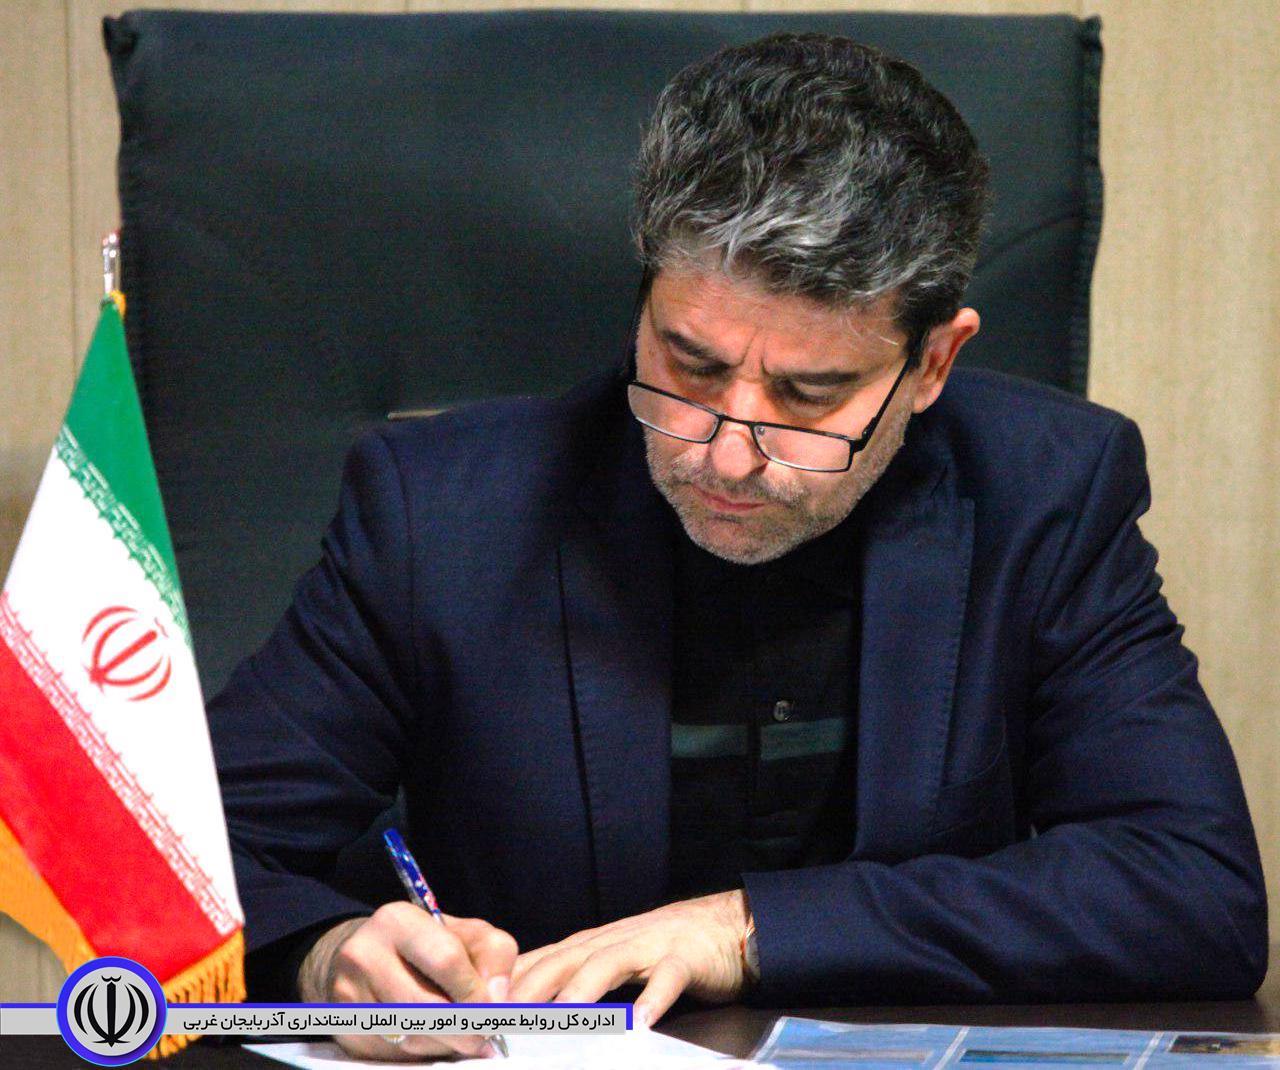 استاندار آذربایجان غربی درگذشت آیت الله هاشمی شاهرودی را تسلیت گفت